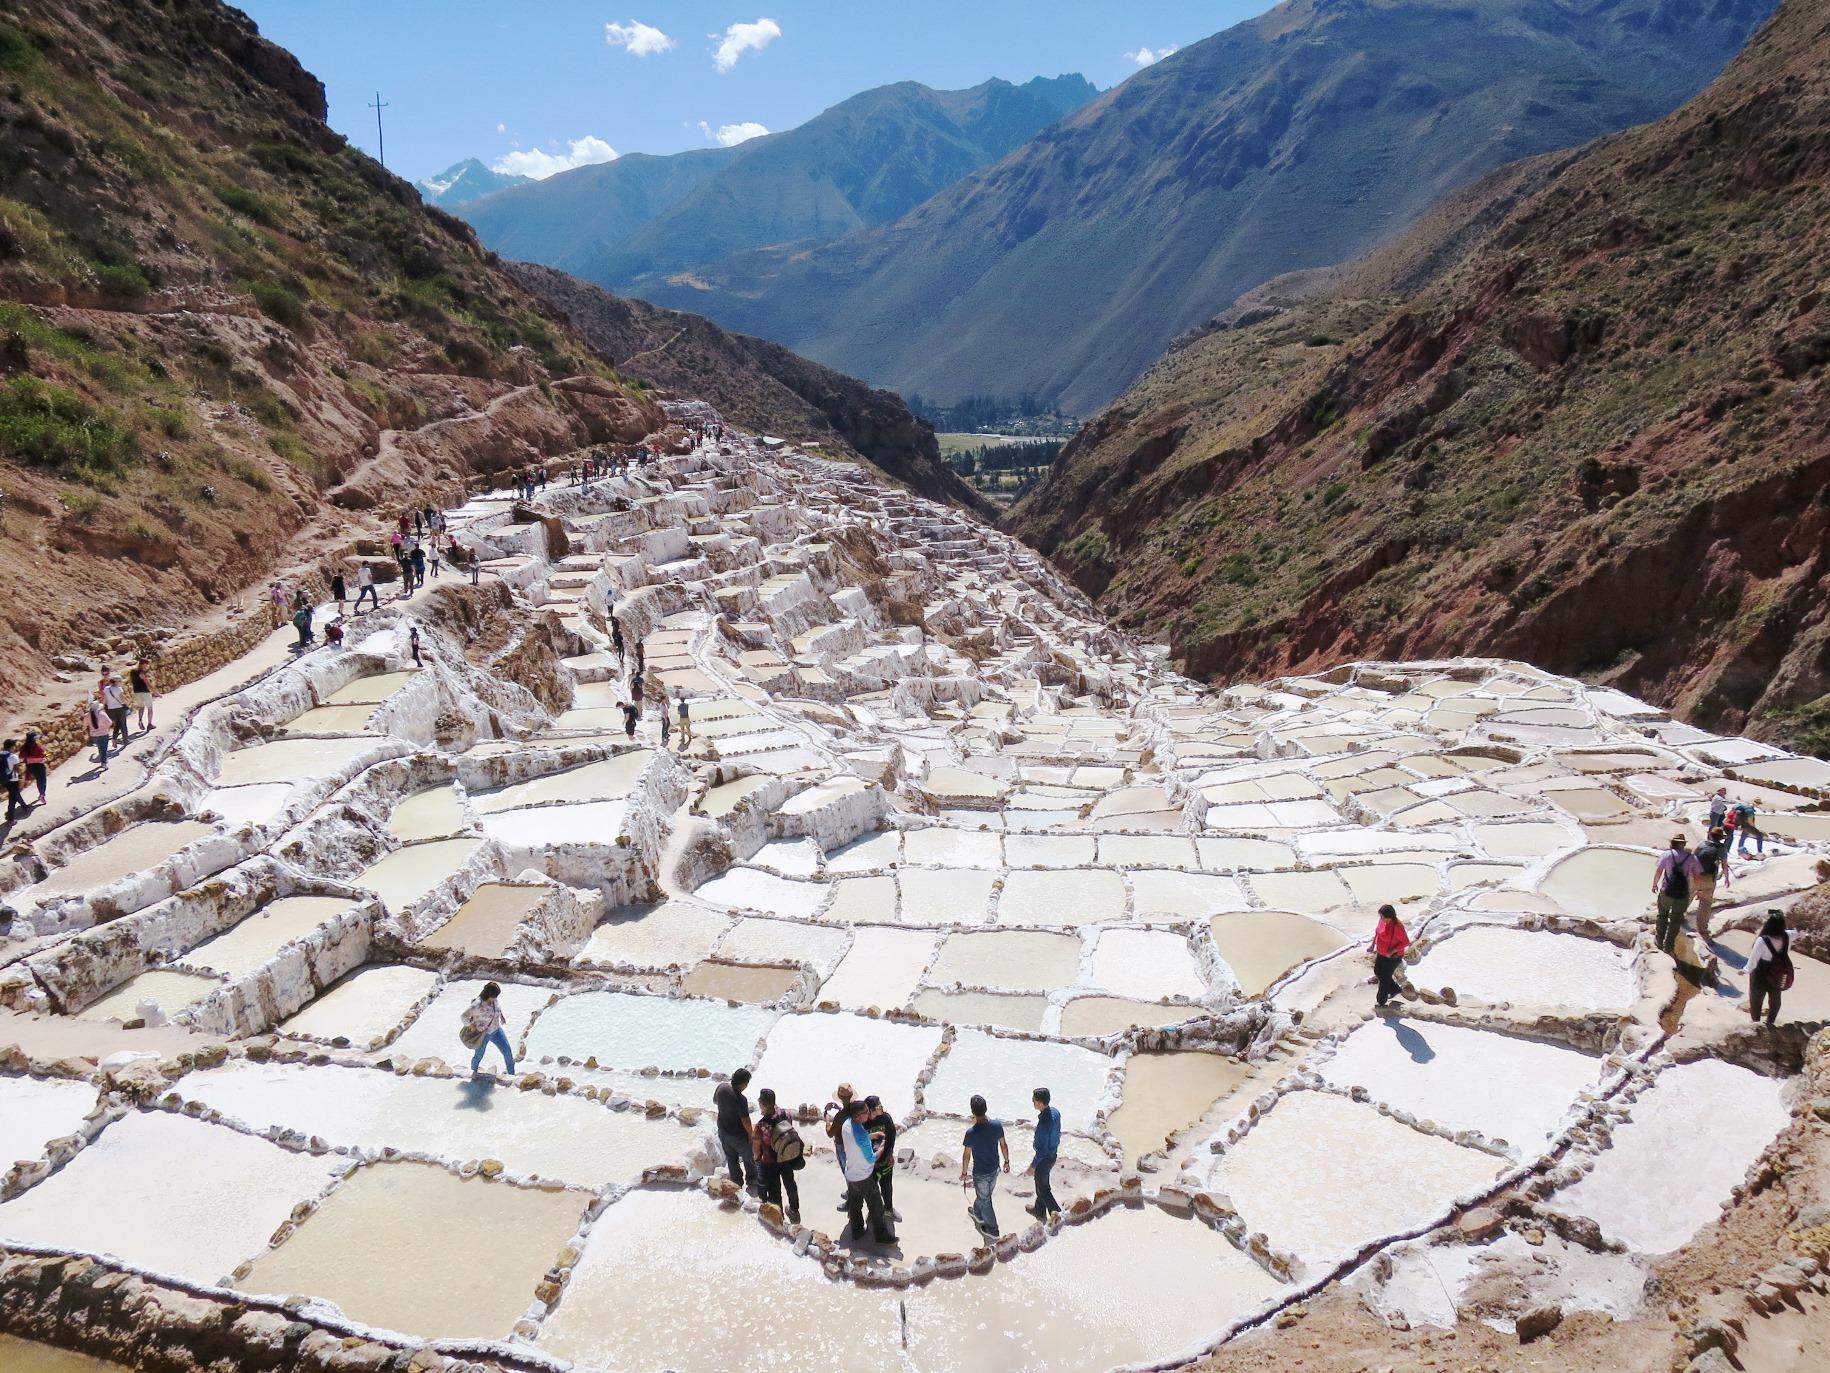 マラスの塩田で採れた塩はお土産にも最適